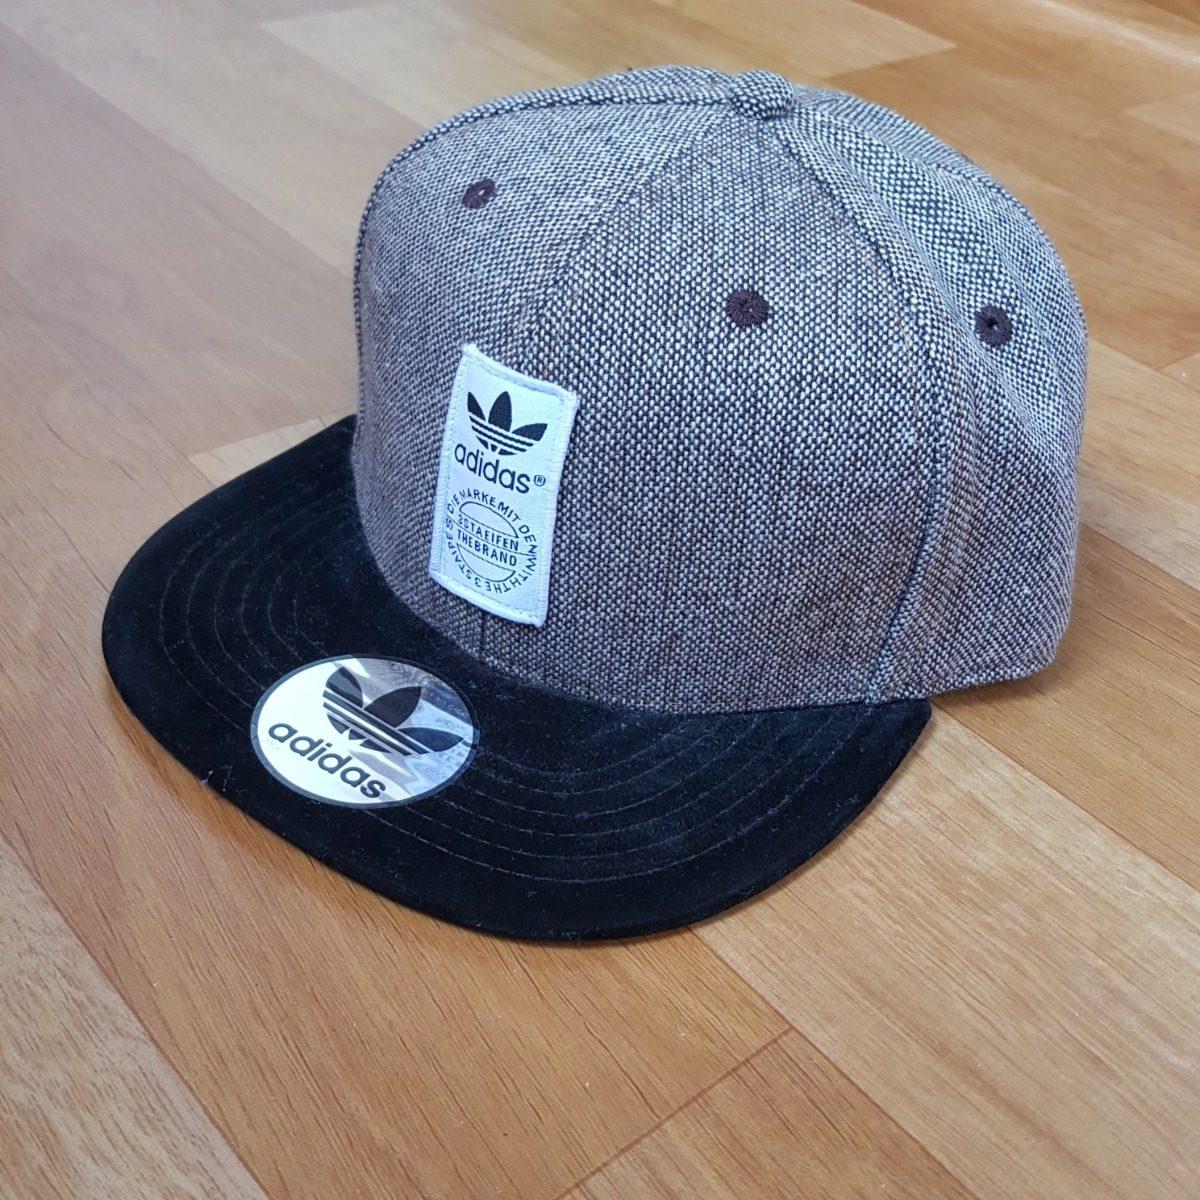 gorra visera adidas originals gris negra importada. Cargando zoom. 193a55a7576